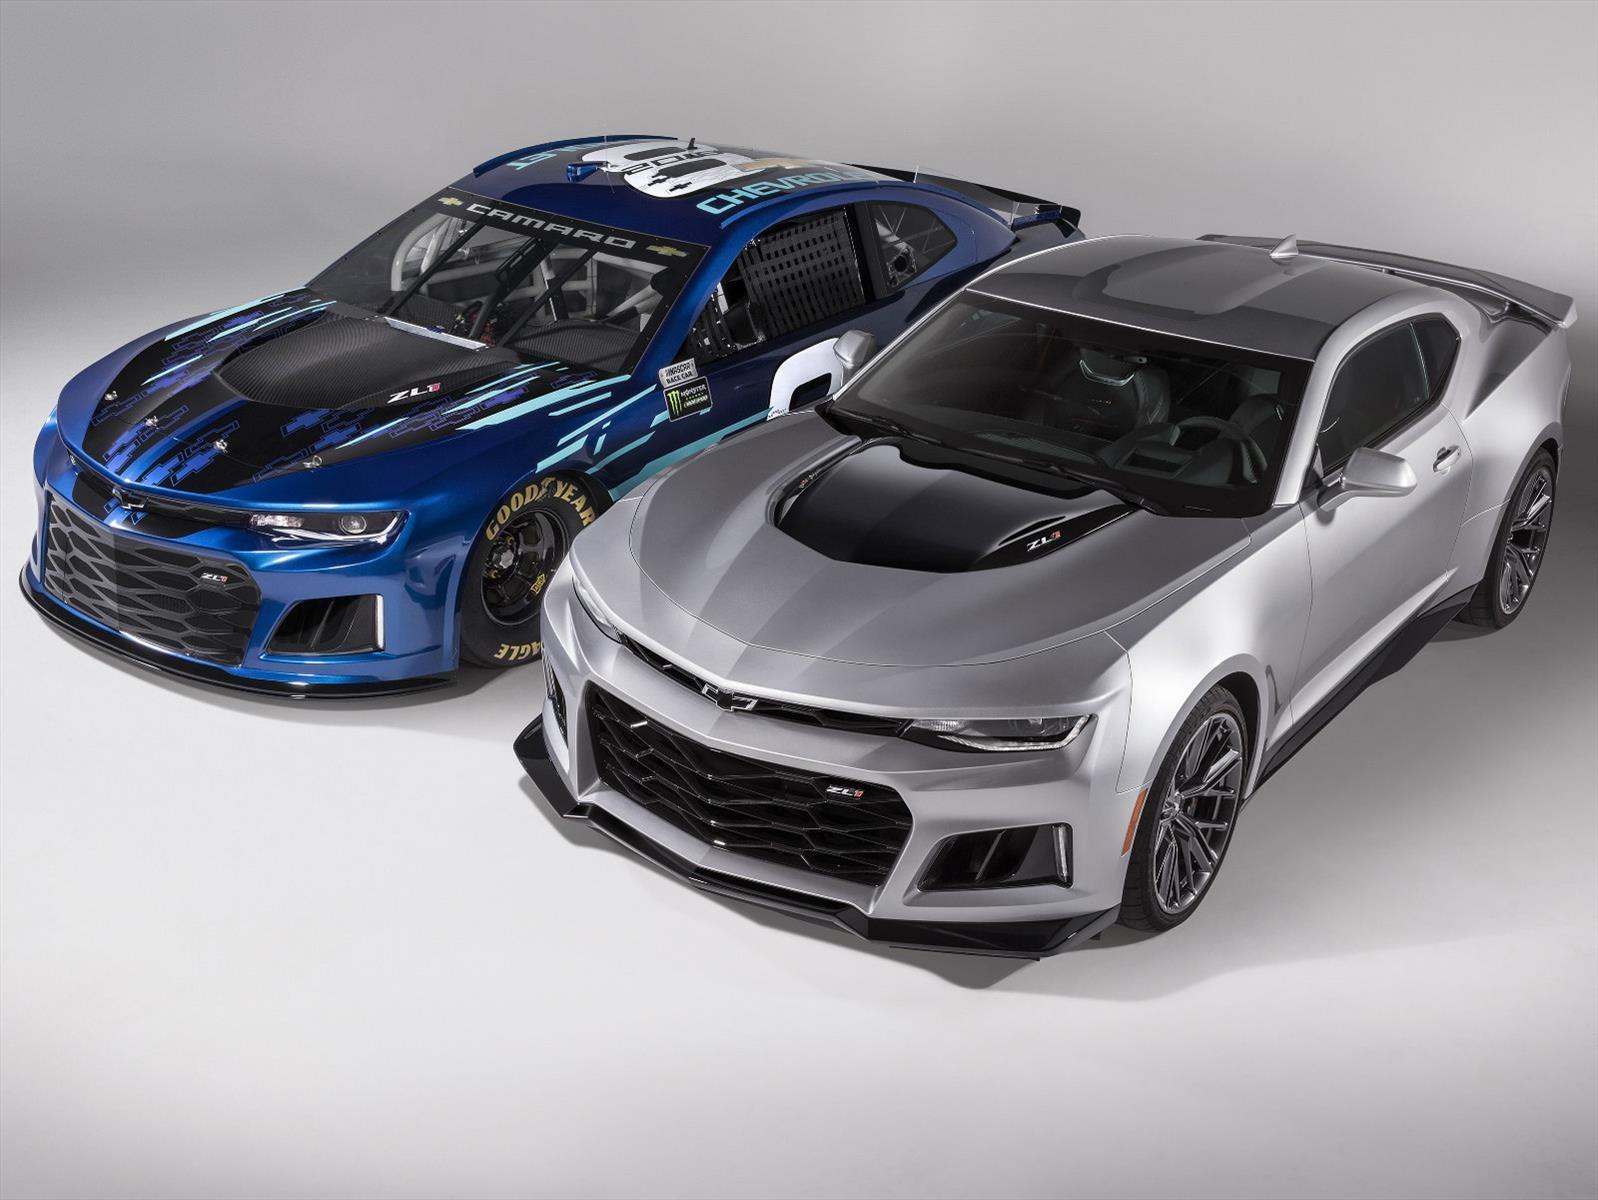 Chevrolet Camaro Zl1 Nascar 2018 Listo Para Conquistar